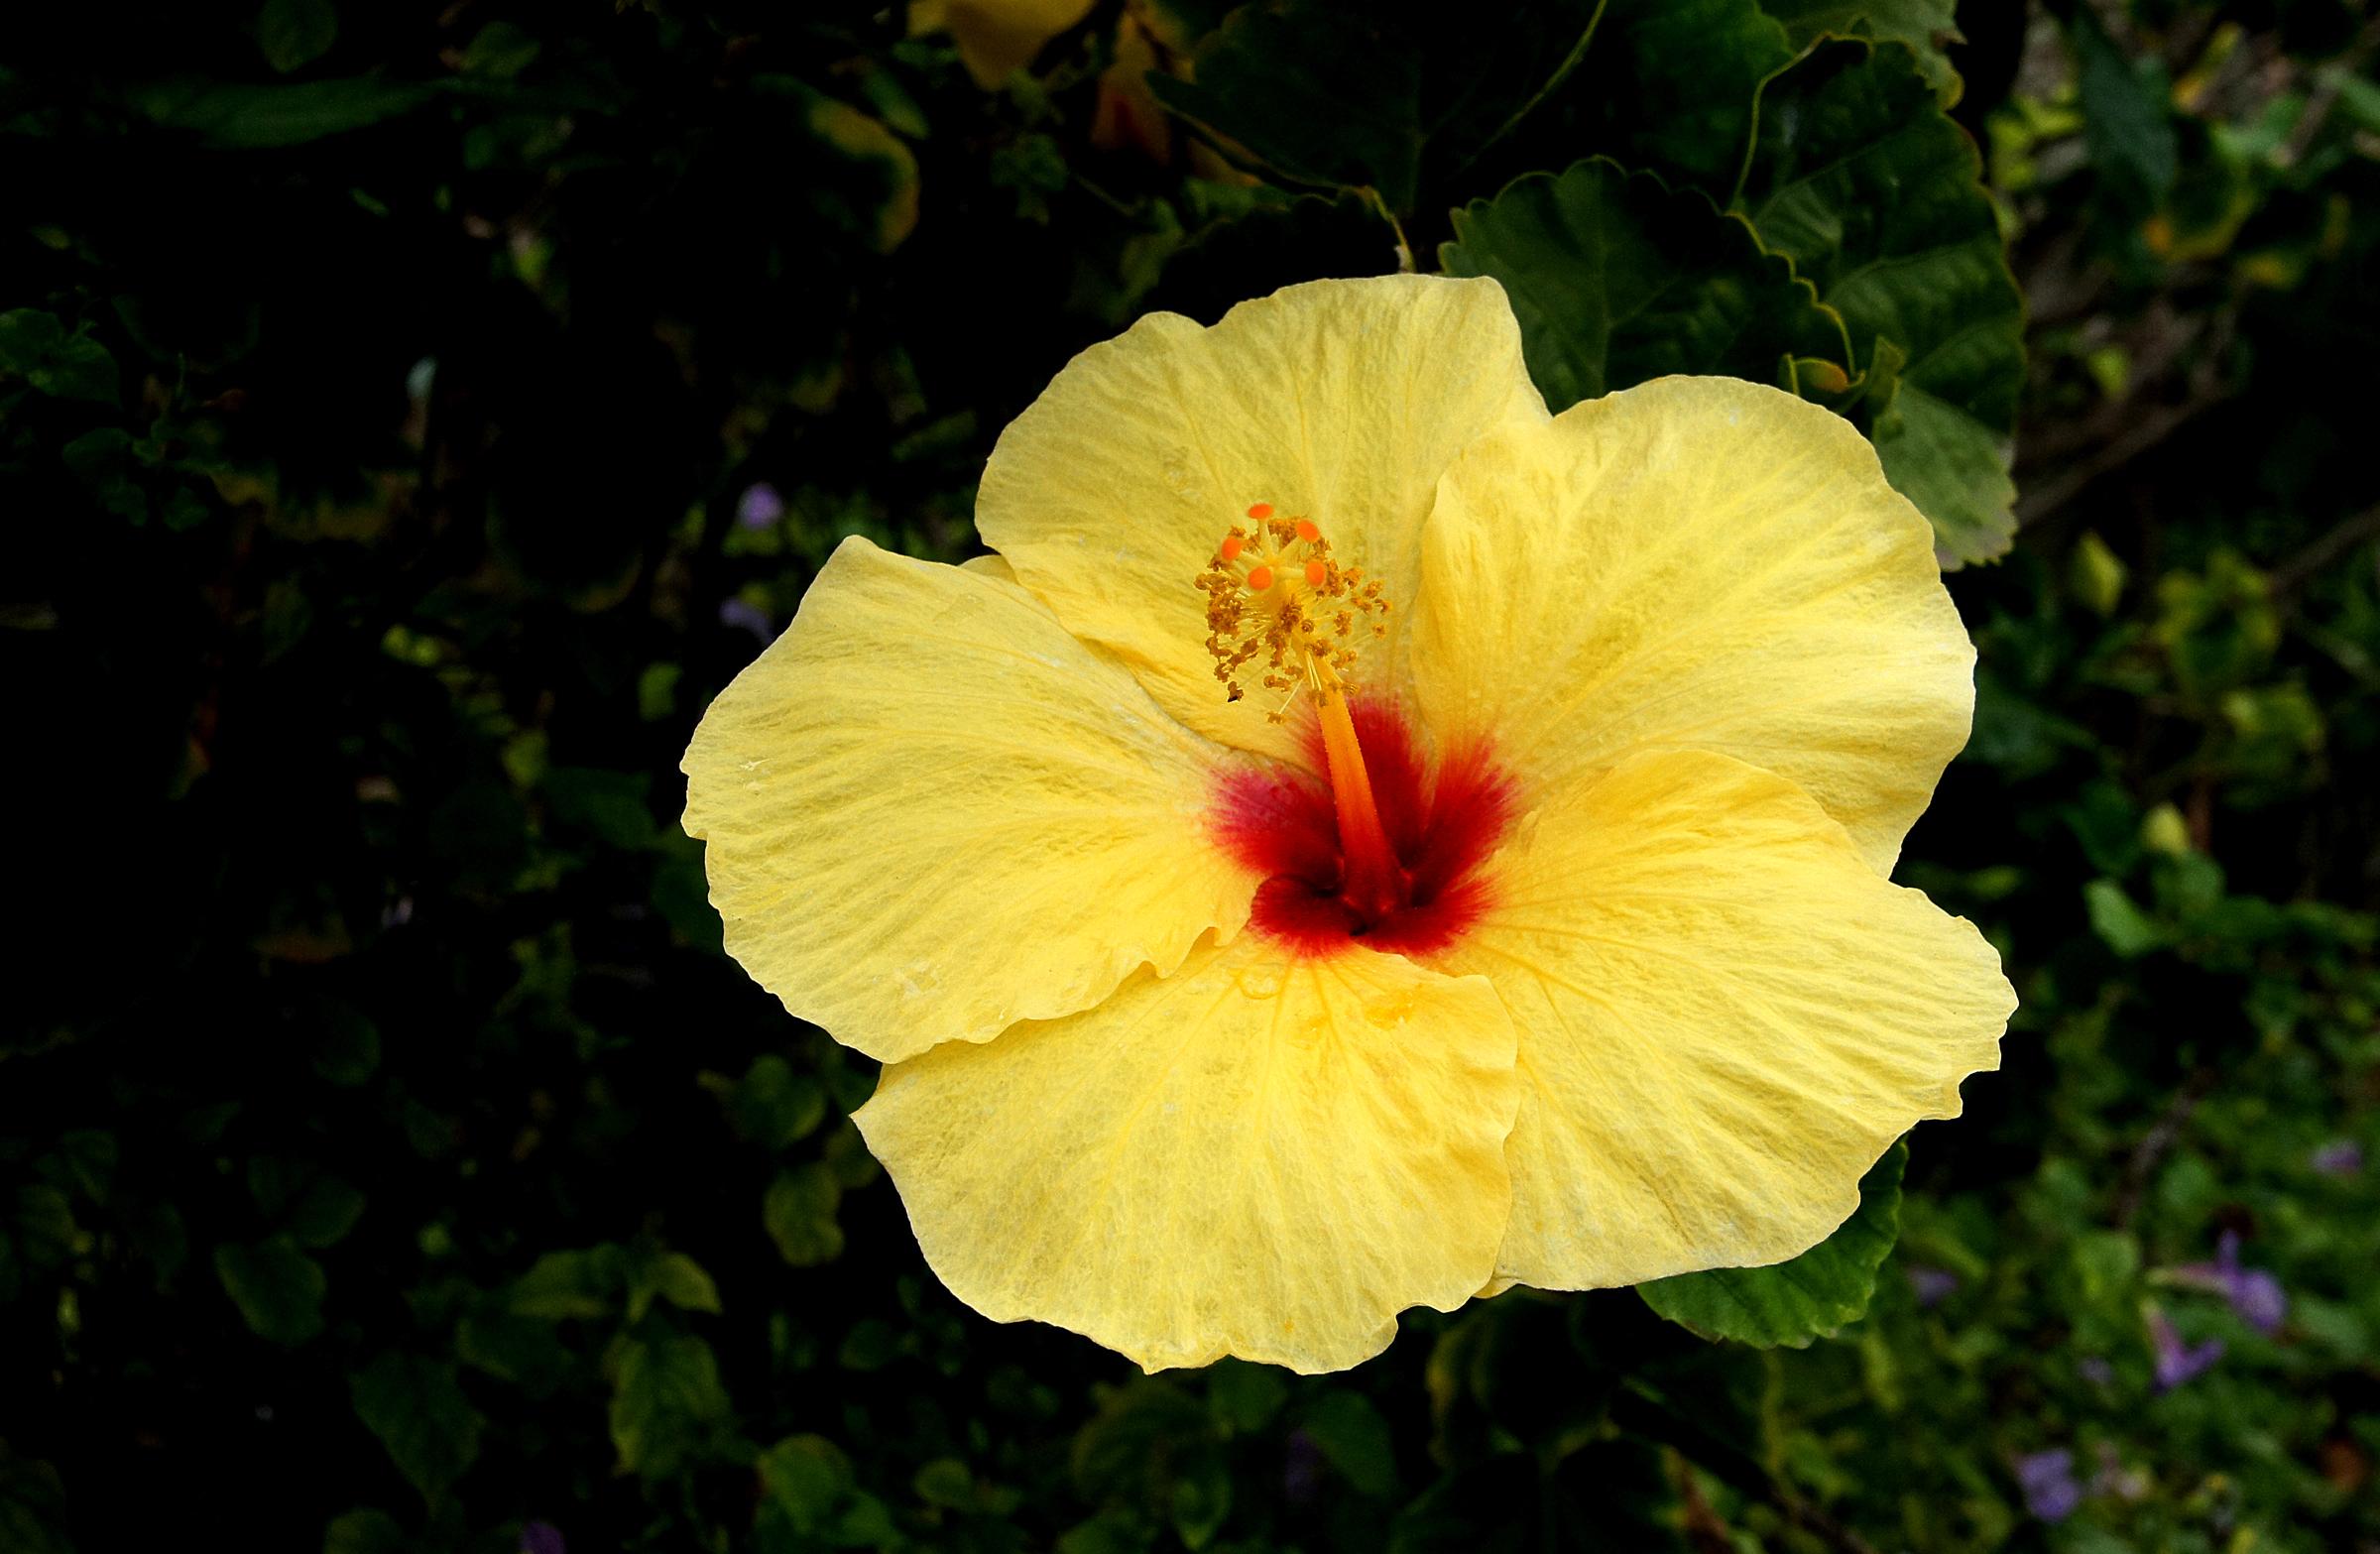 Free Images Nature Blossom Leaf Flower Petal Botany Hawaii